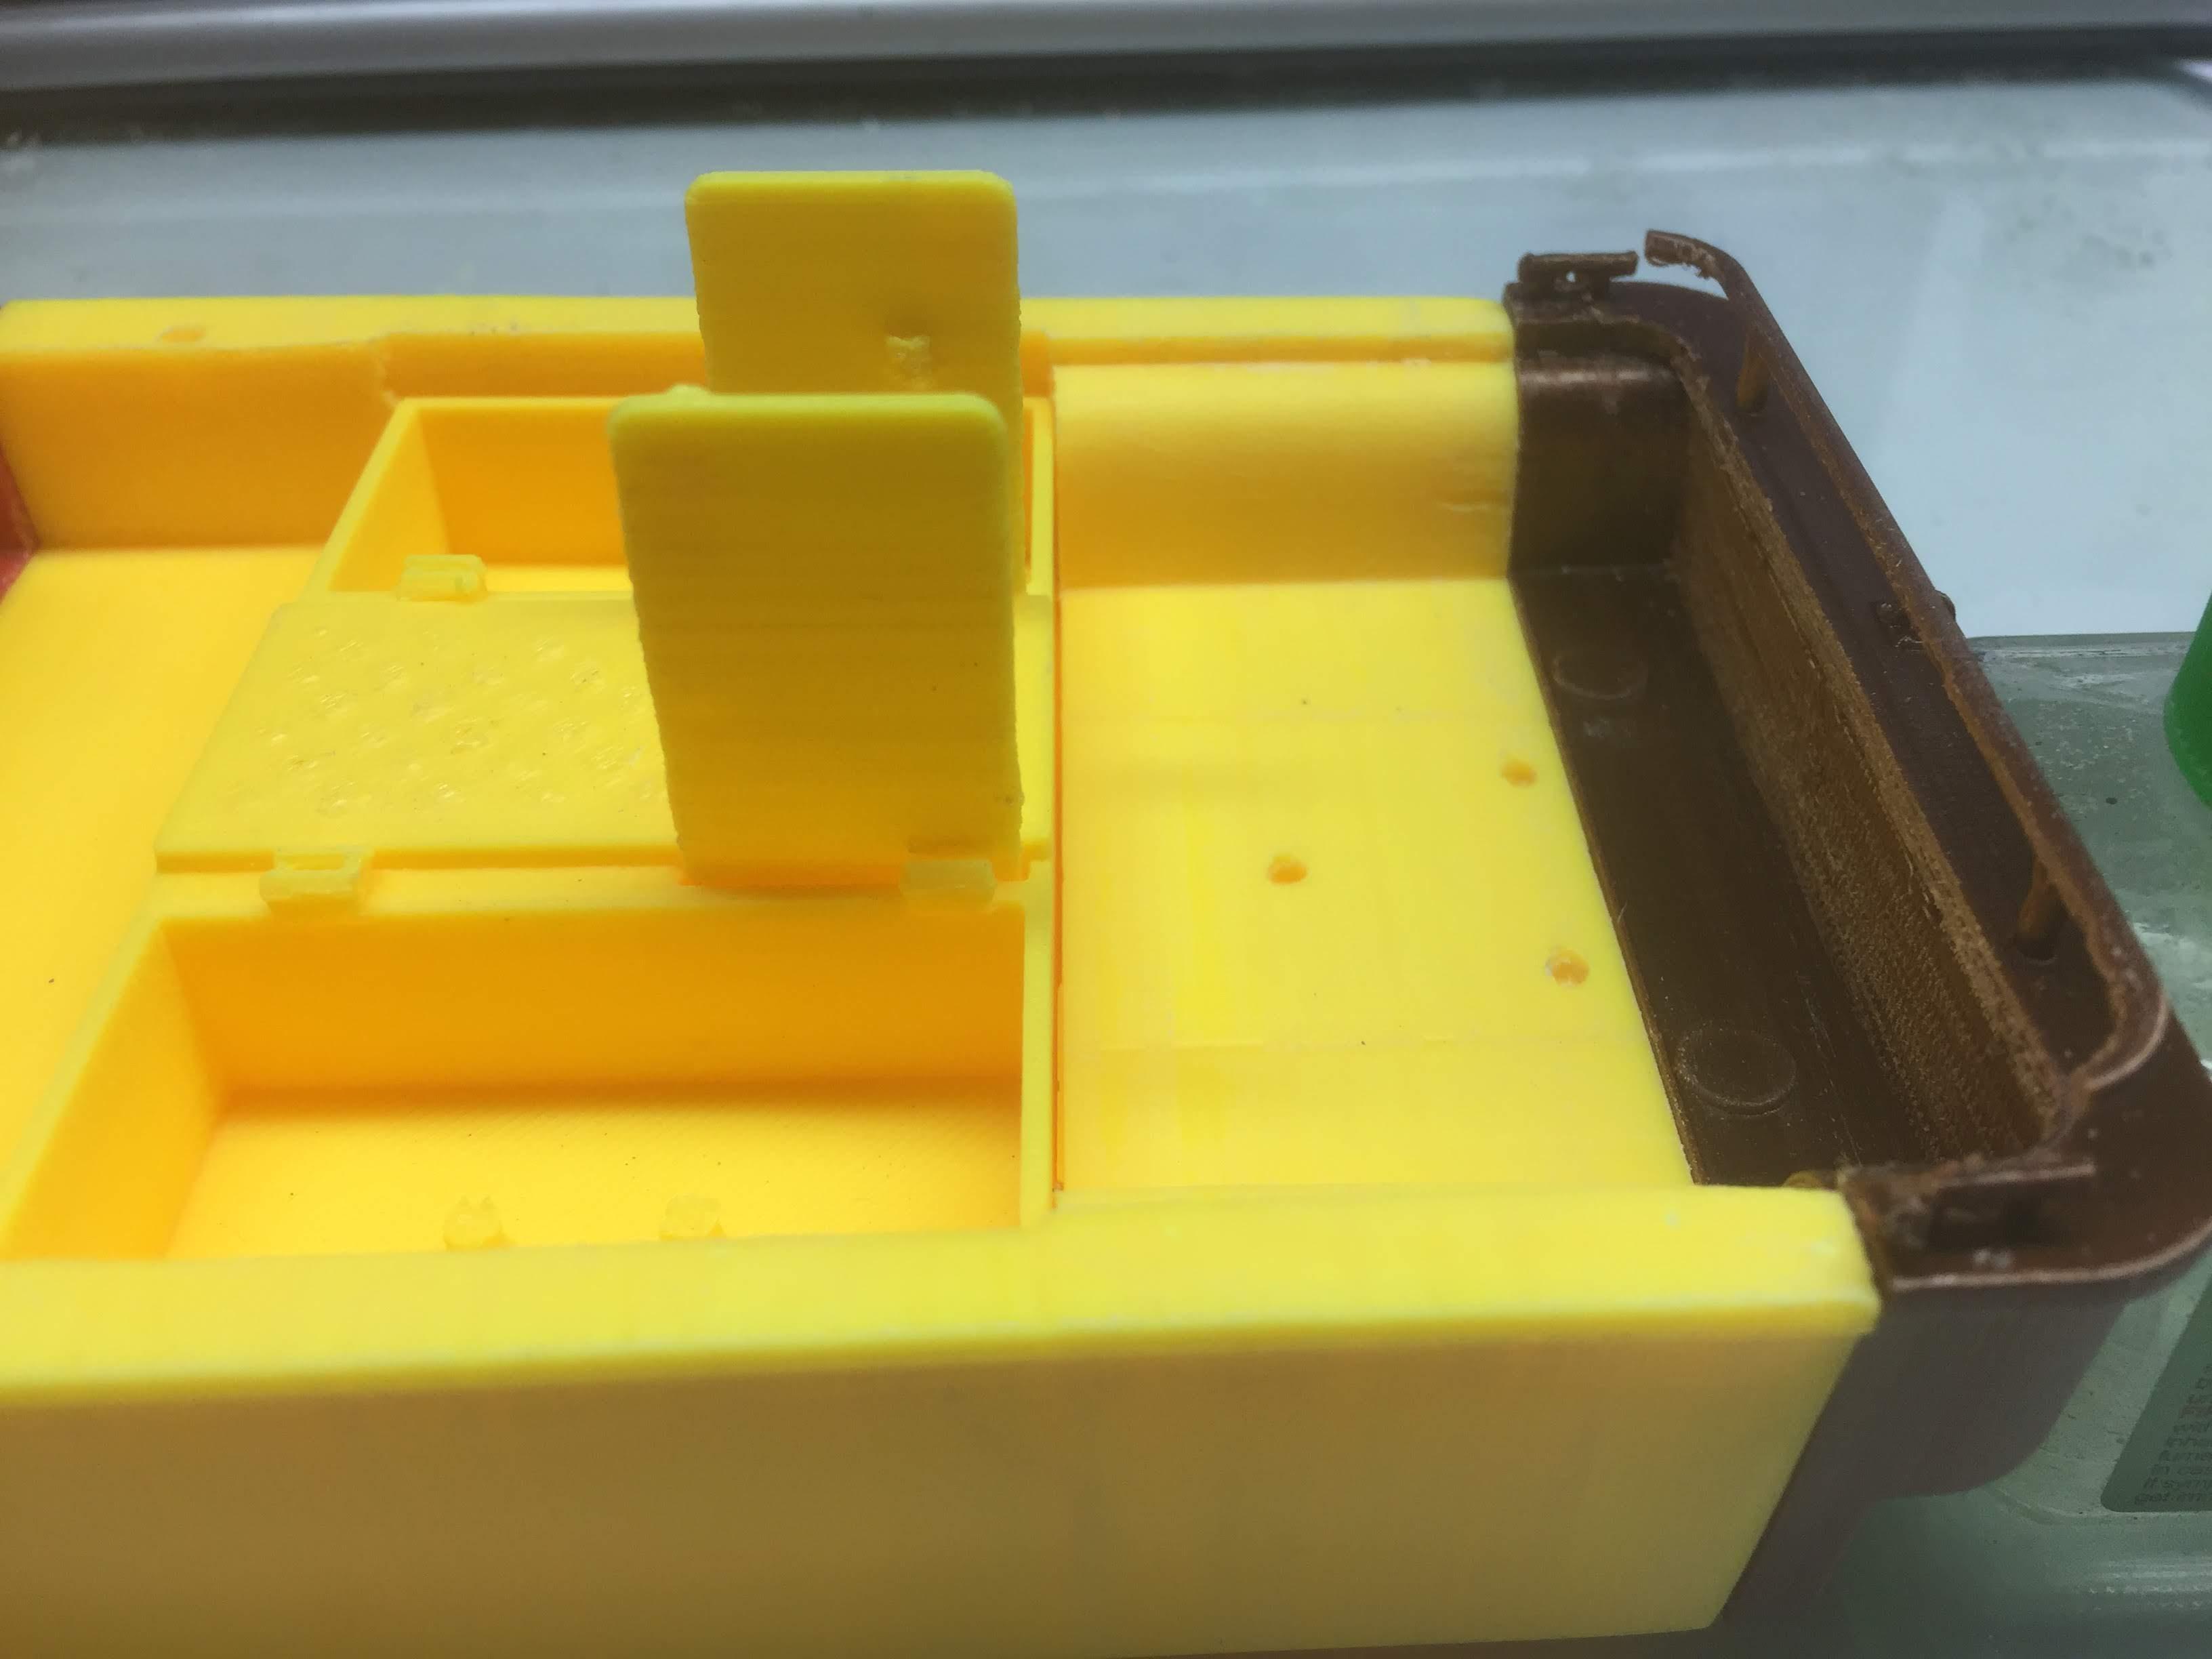 Patrouilleur fluvial  PBR MK2 1/35 - Impression 3D personnelle - Page 5 Img_1912